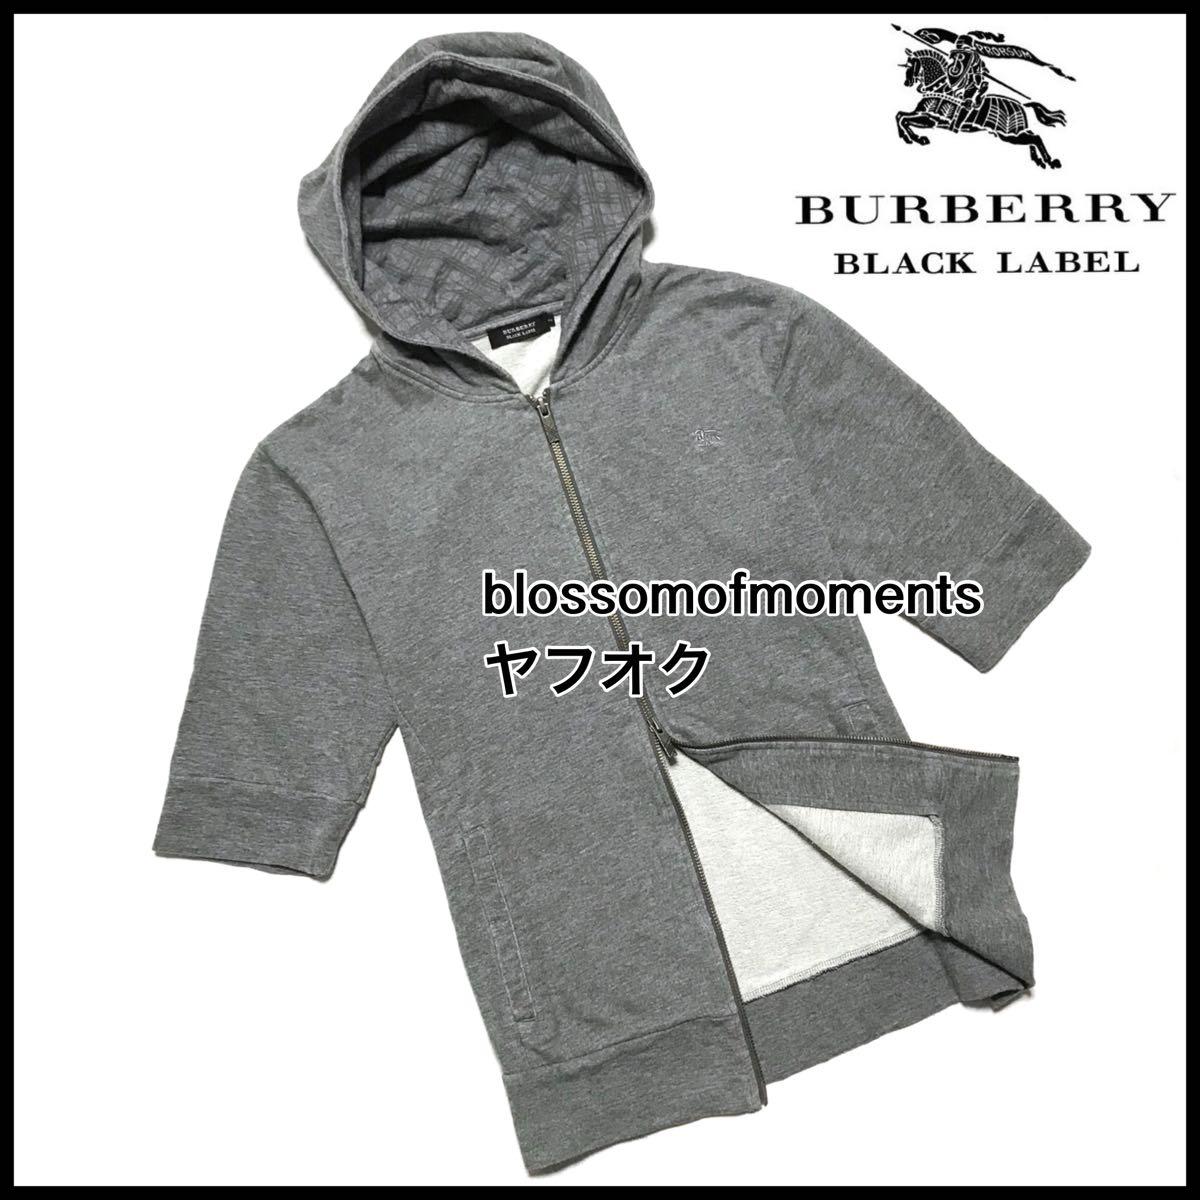 71a6d55a66f8b 極美品◇ BURBERRY BLACK LABEL バーバリーブラックレーベル パーカー 2